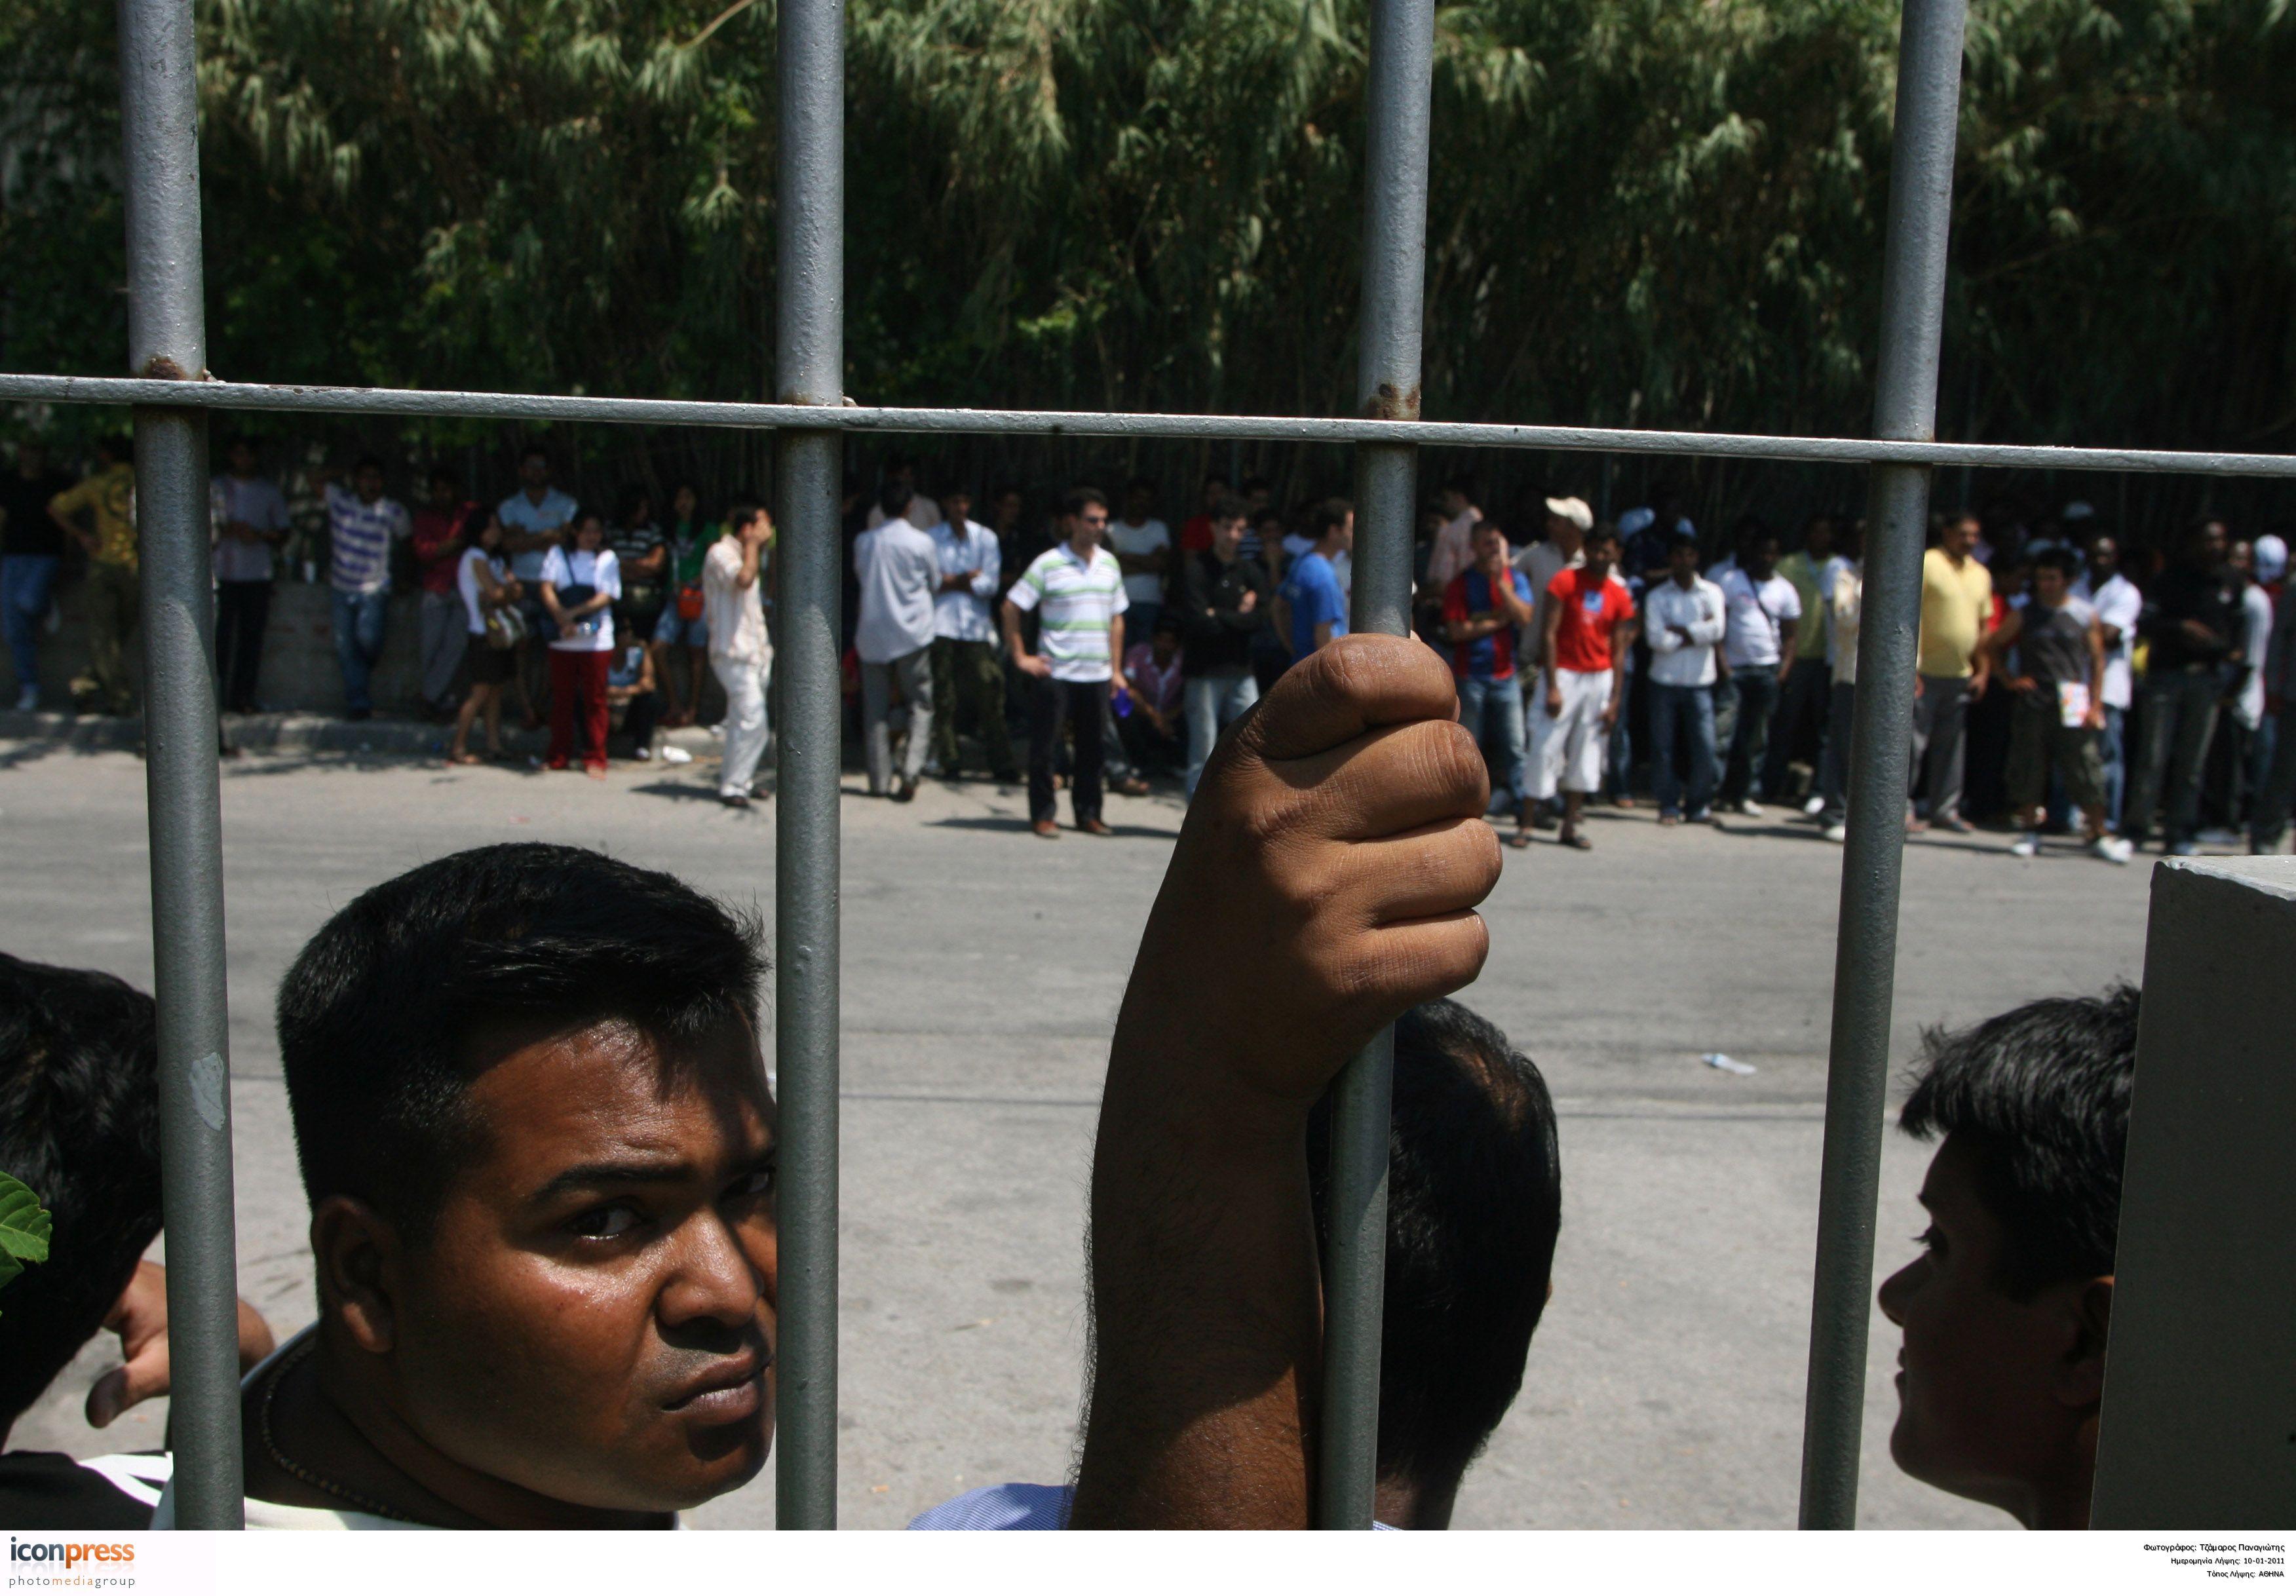 Ευρω-καταδίκη της Ελλάδας για τις συνθήκες κράτησης των μεταναστών   tovima.gr